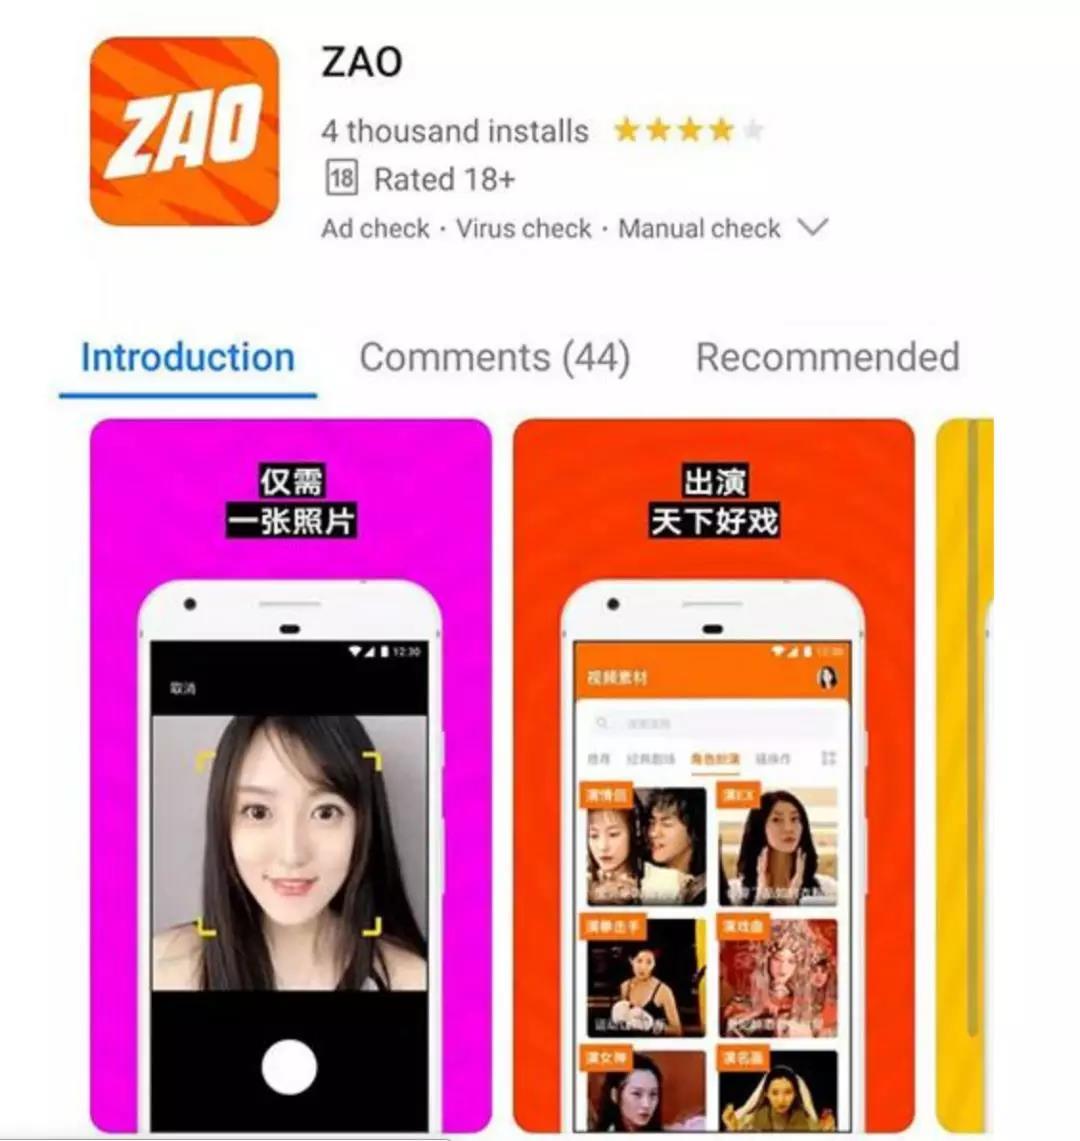 Zao刷屏:从自拍到换脸 我们将迎来一个美丽新世界?